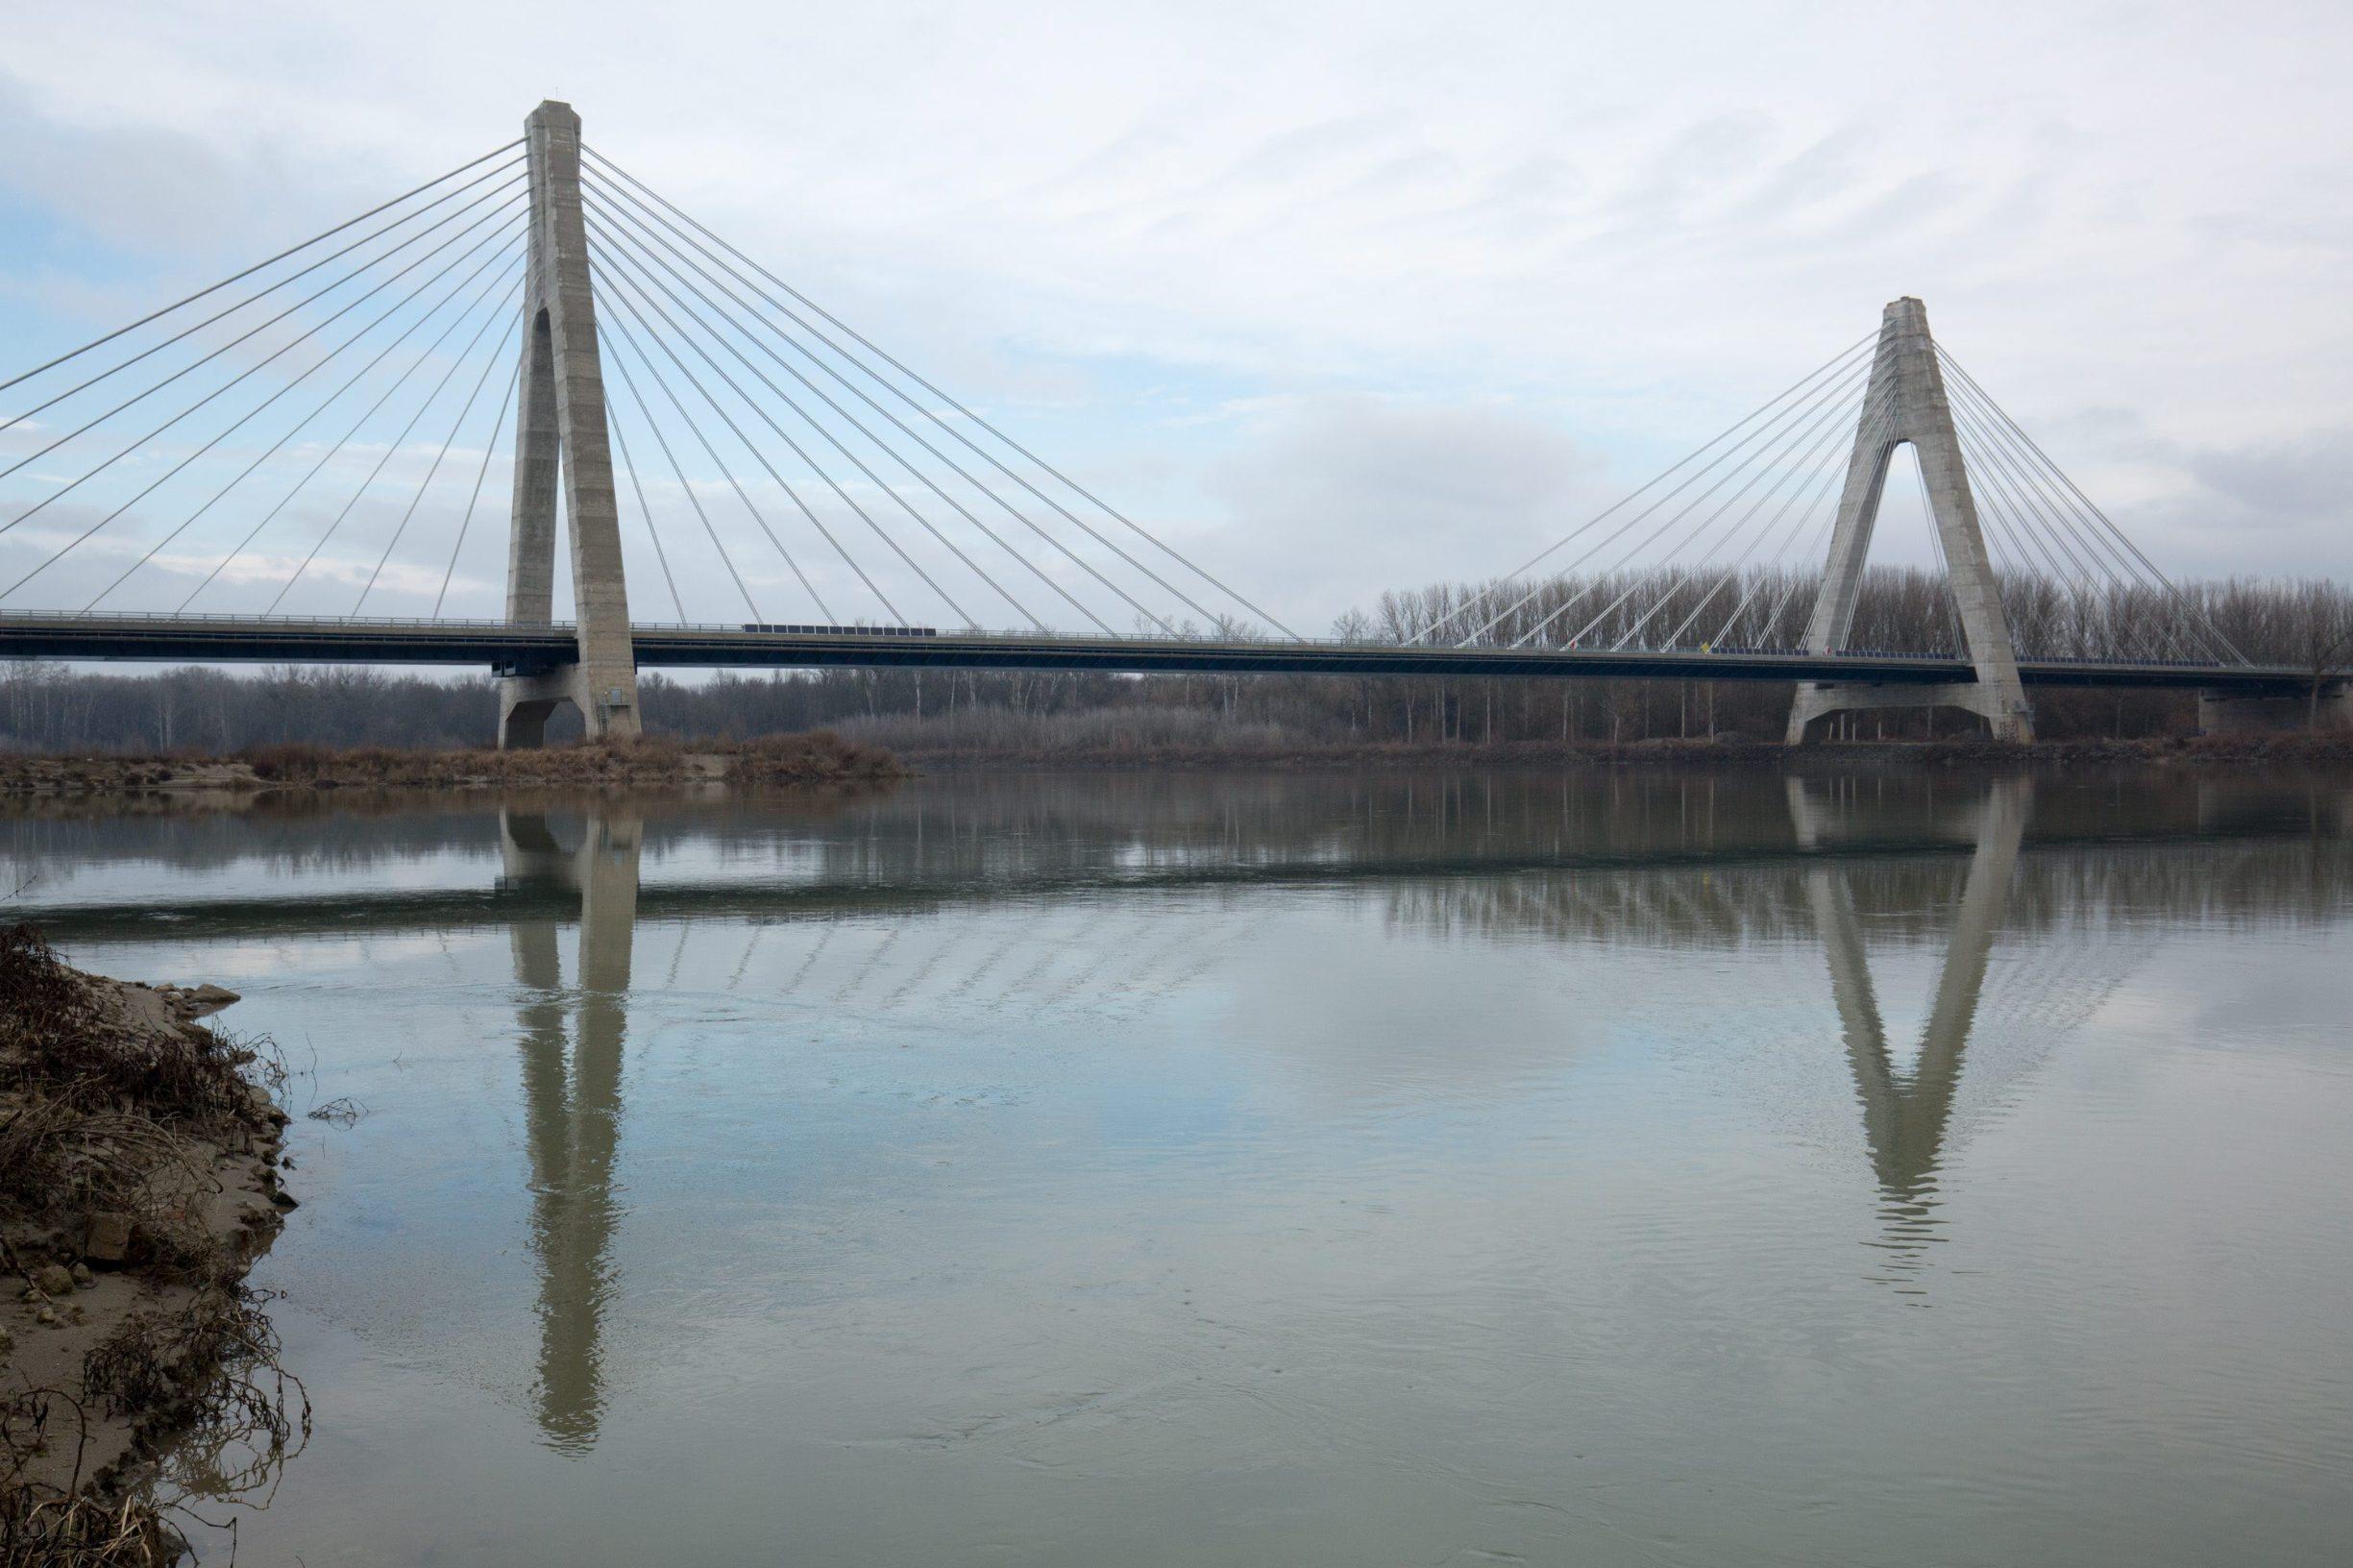 Petrijevci, 210118.  Most iznad rijeke Drave na koridoru Vc dio je dionice autoceste od Osijeka do Madjarske koja je jos uvijek u izgradnji. To je najduzi most u Hrvatskoj, dugacak je  2485 metara, a glavni raspon mu je 420 metara.  Foto: Vlado Kos / CROPIX